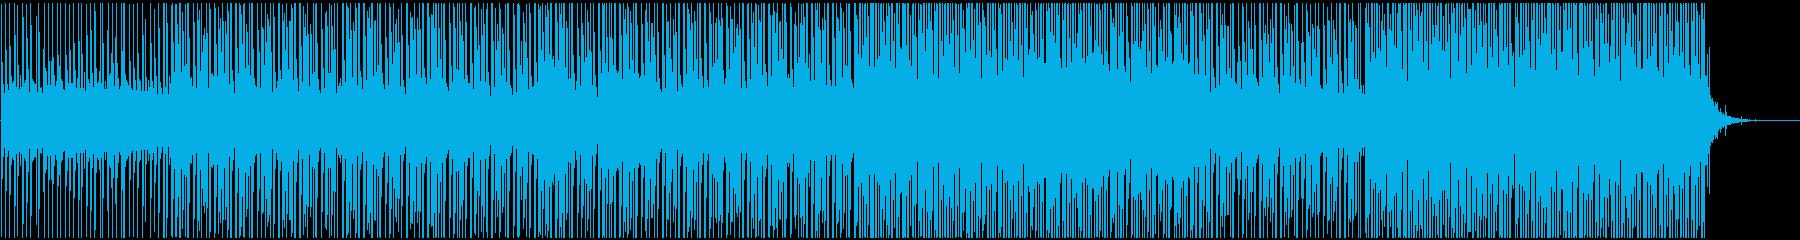 企業VPや映像に サイエンス系映像と合うの再生済みの波形